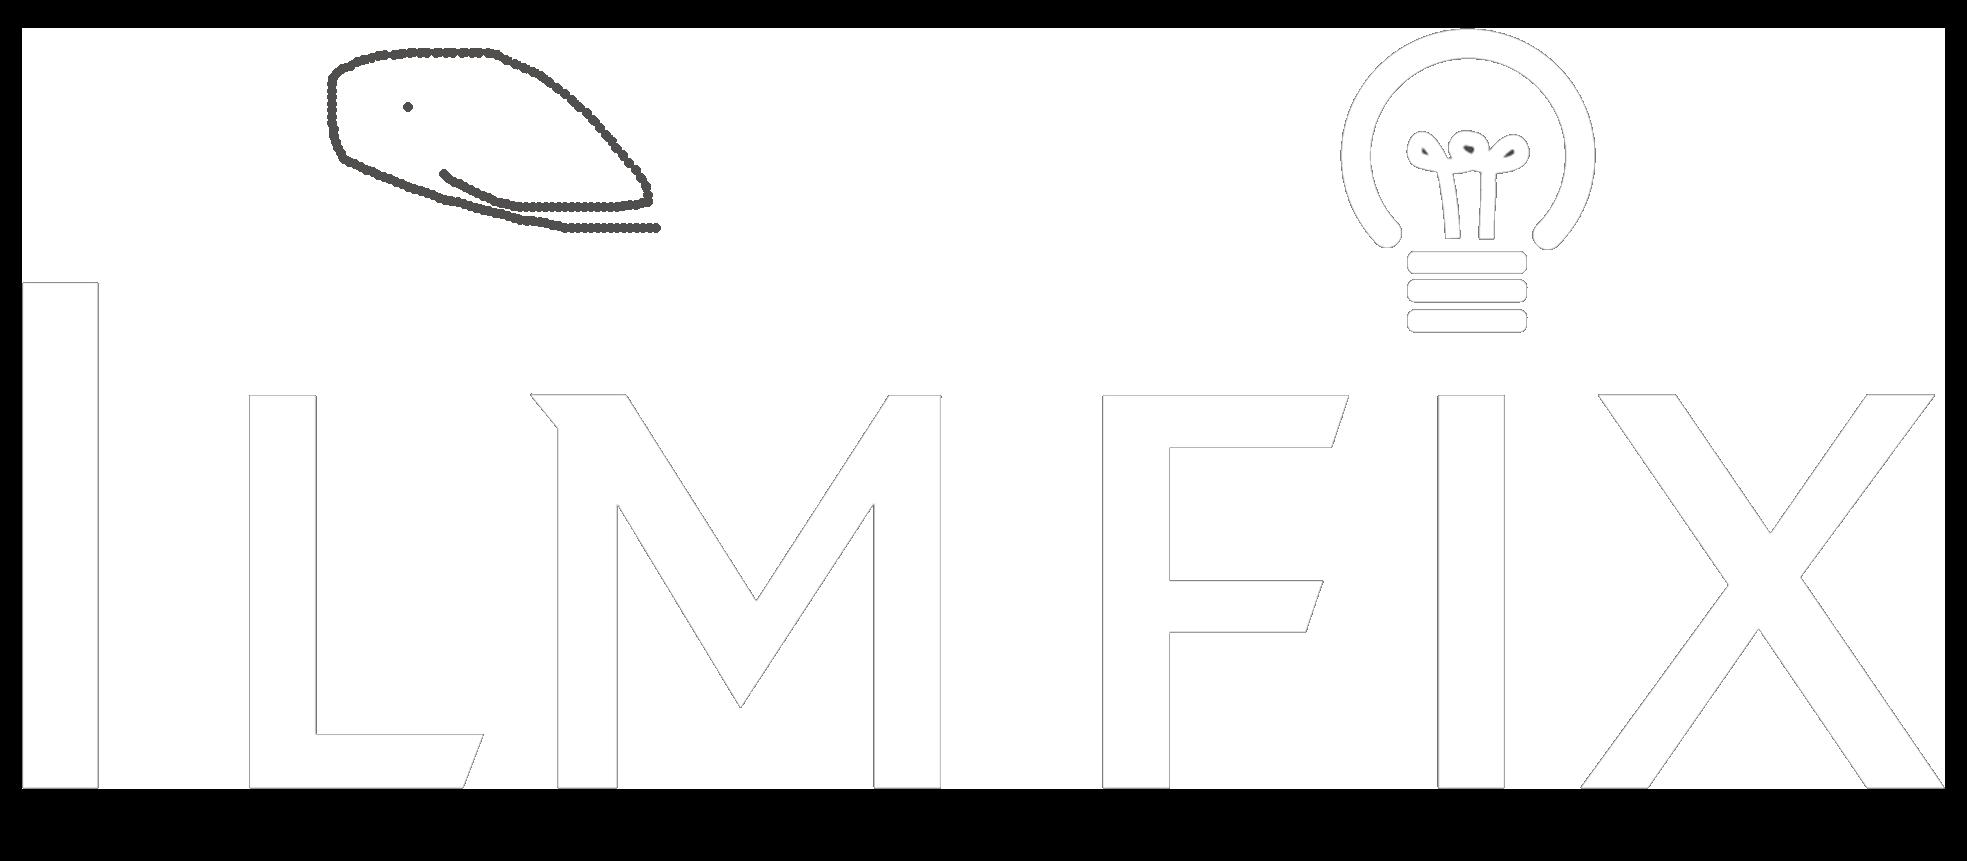 ilmfix